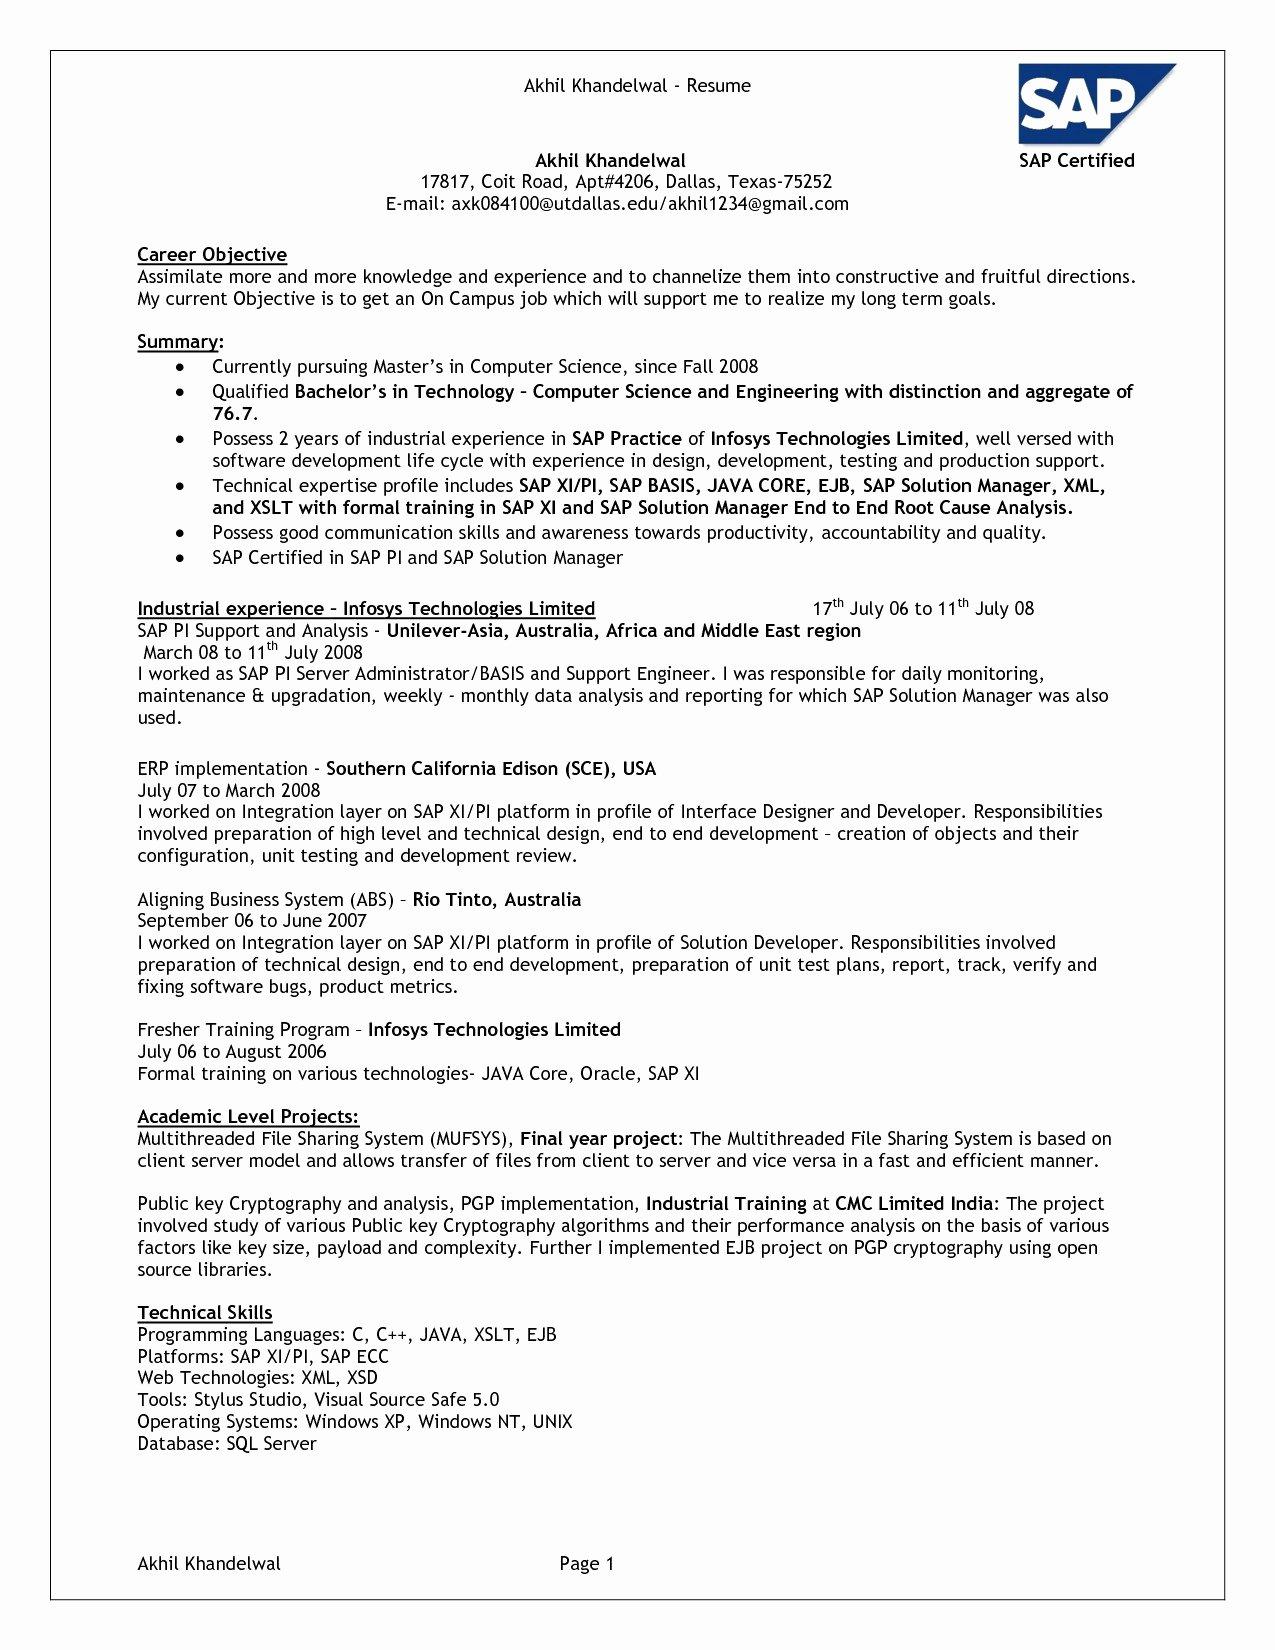 Cover Letter for User Interface Designer